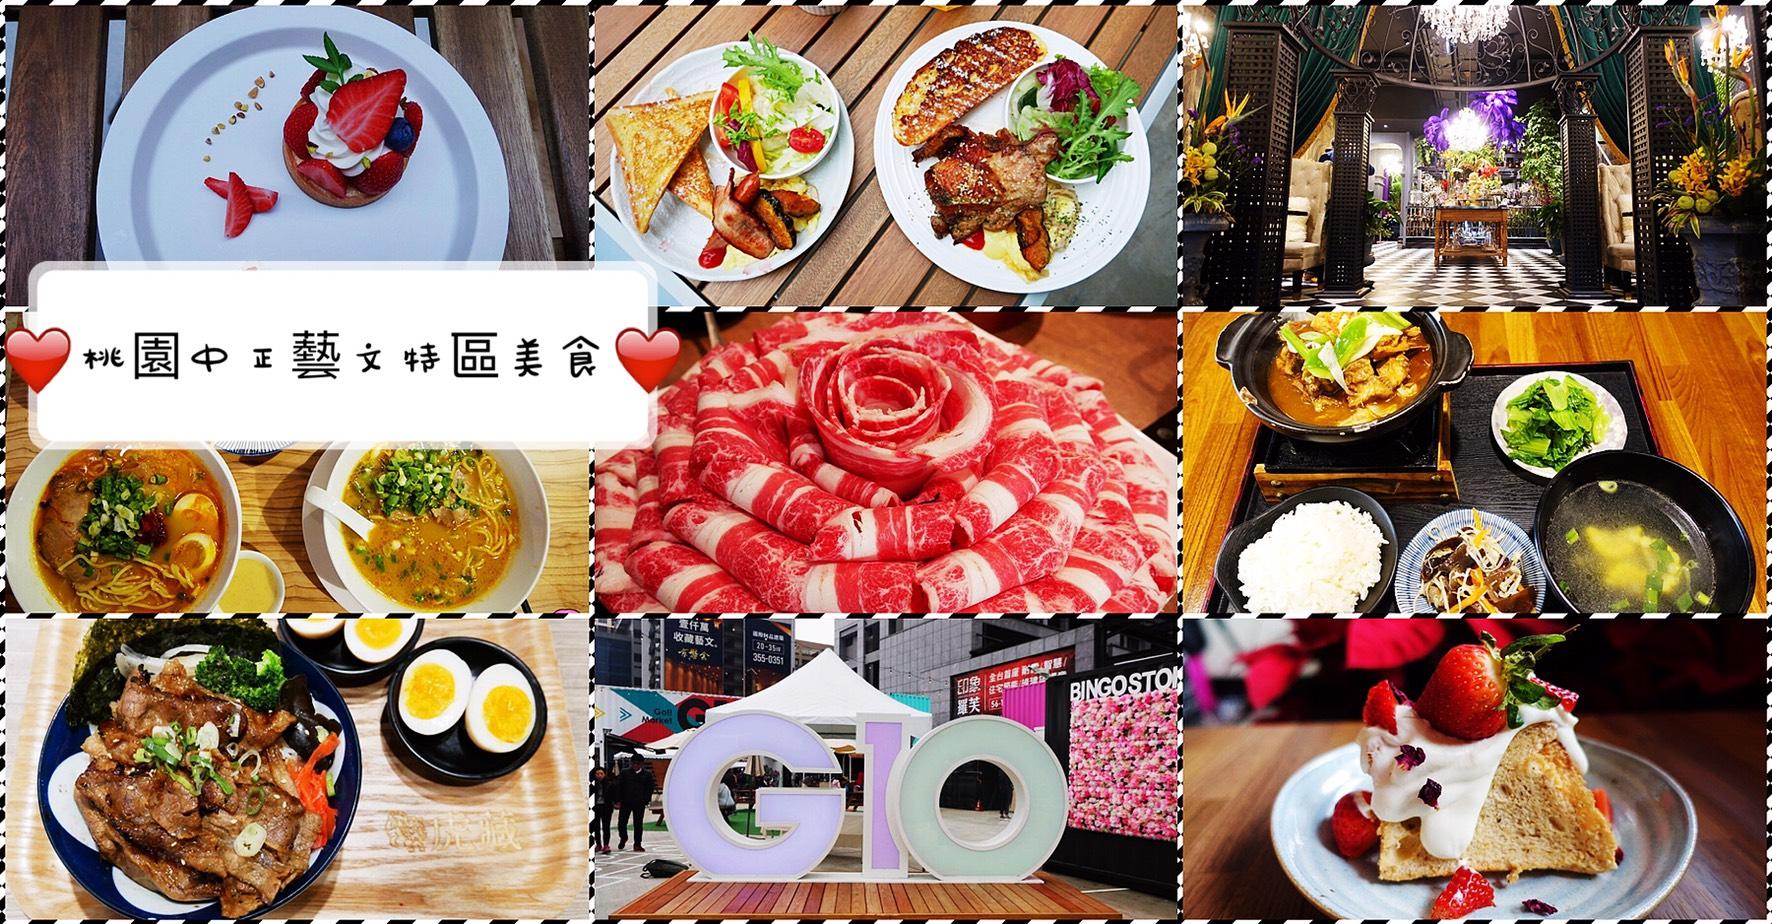 網站近期文章:[桃園美食]藝文特區美食餐廳懶人包|推薦甜點.下午茶.點心.排隊美食一次收錄(持續更新)